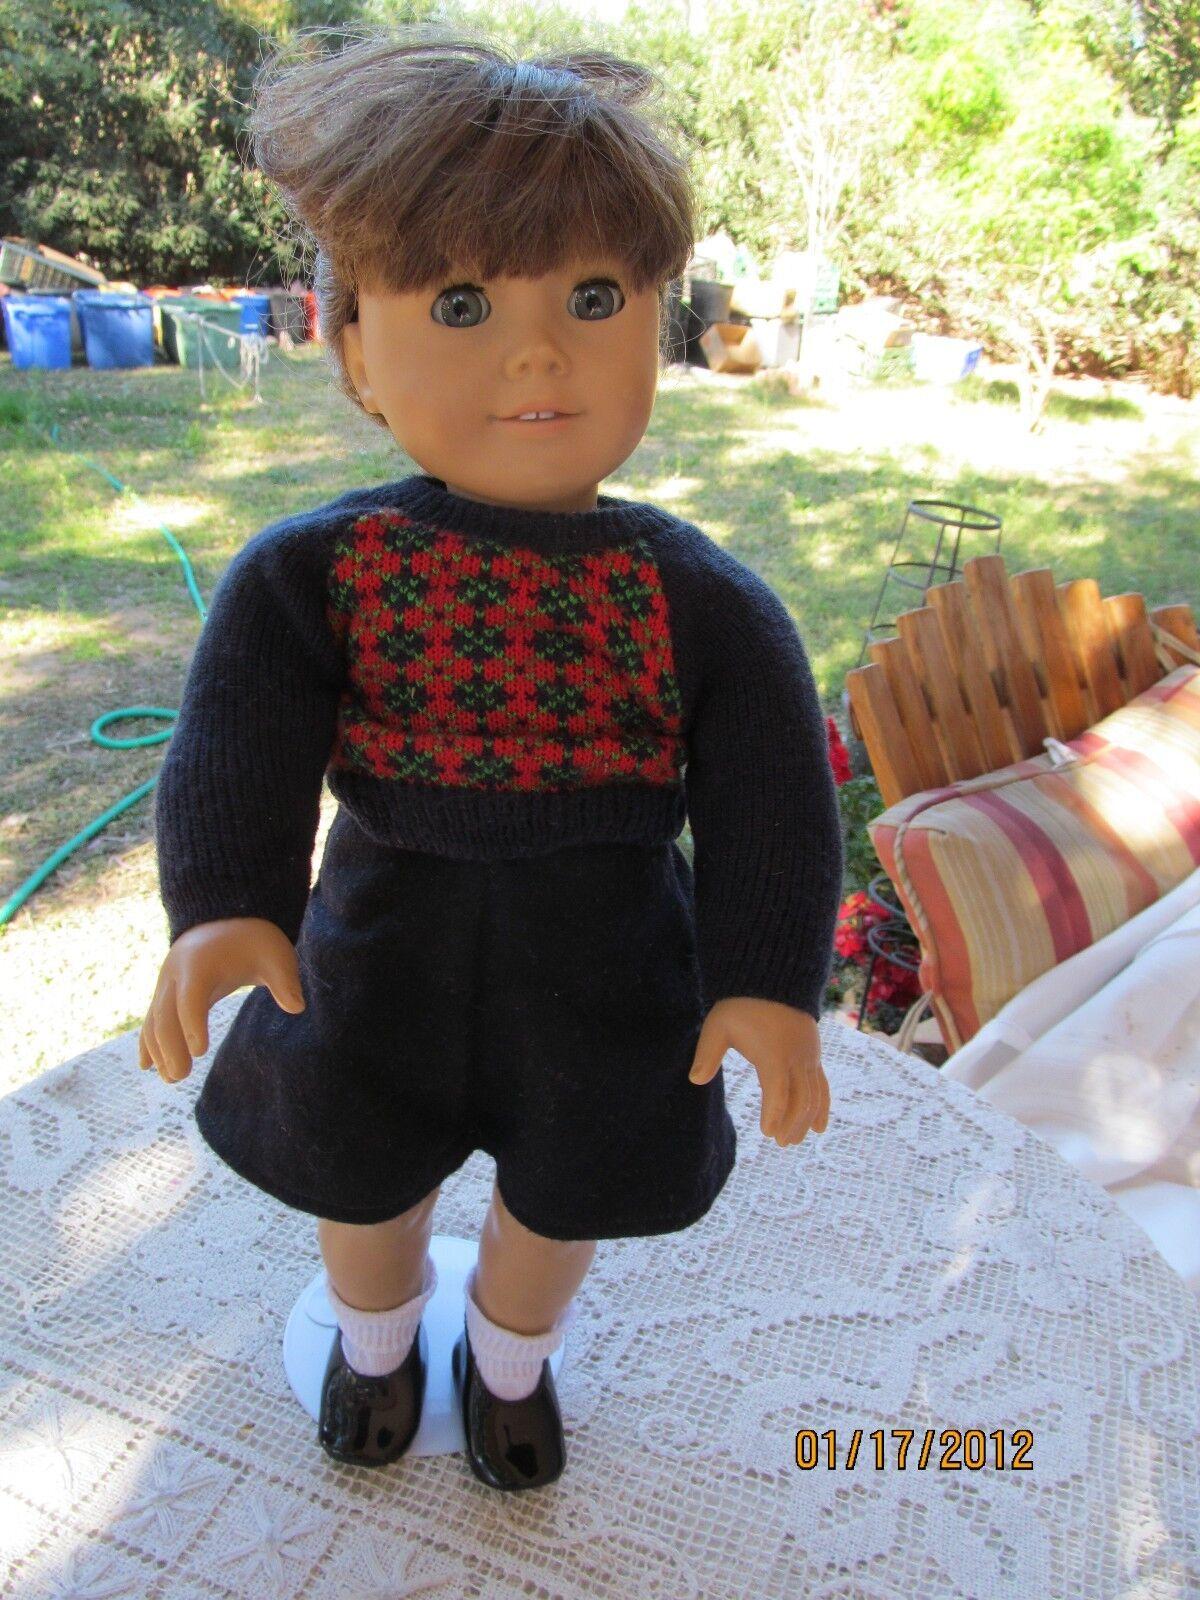 American Girl Girl Girl Doll Molly McIntyre 18  agradable Co tan cuerpo ropa hecha Hungría  envio rapido a ti